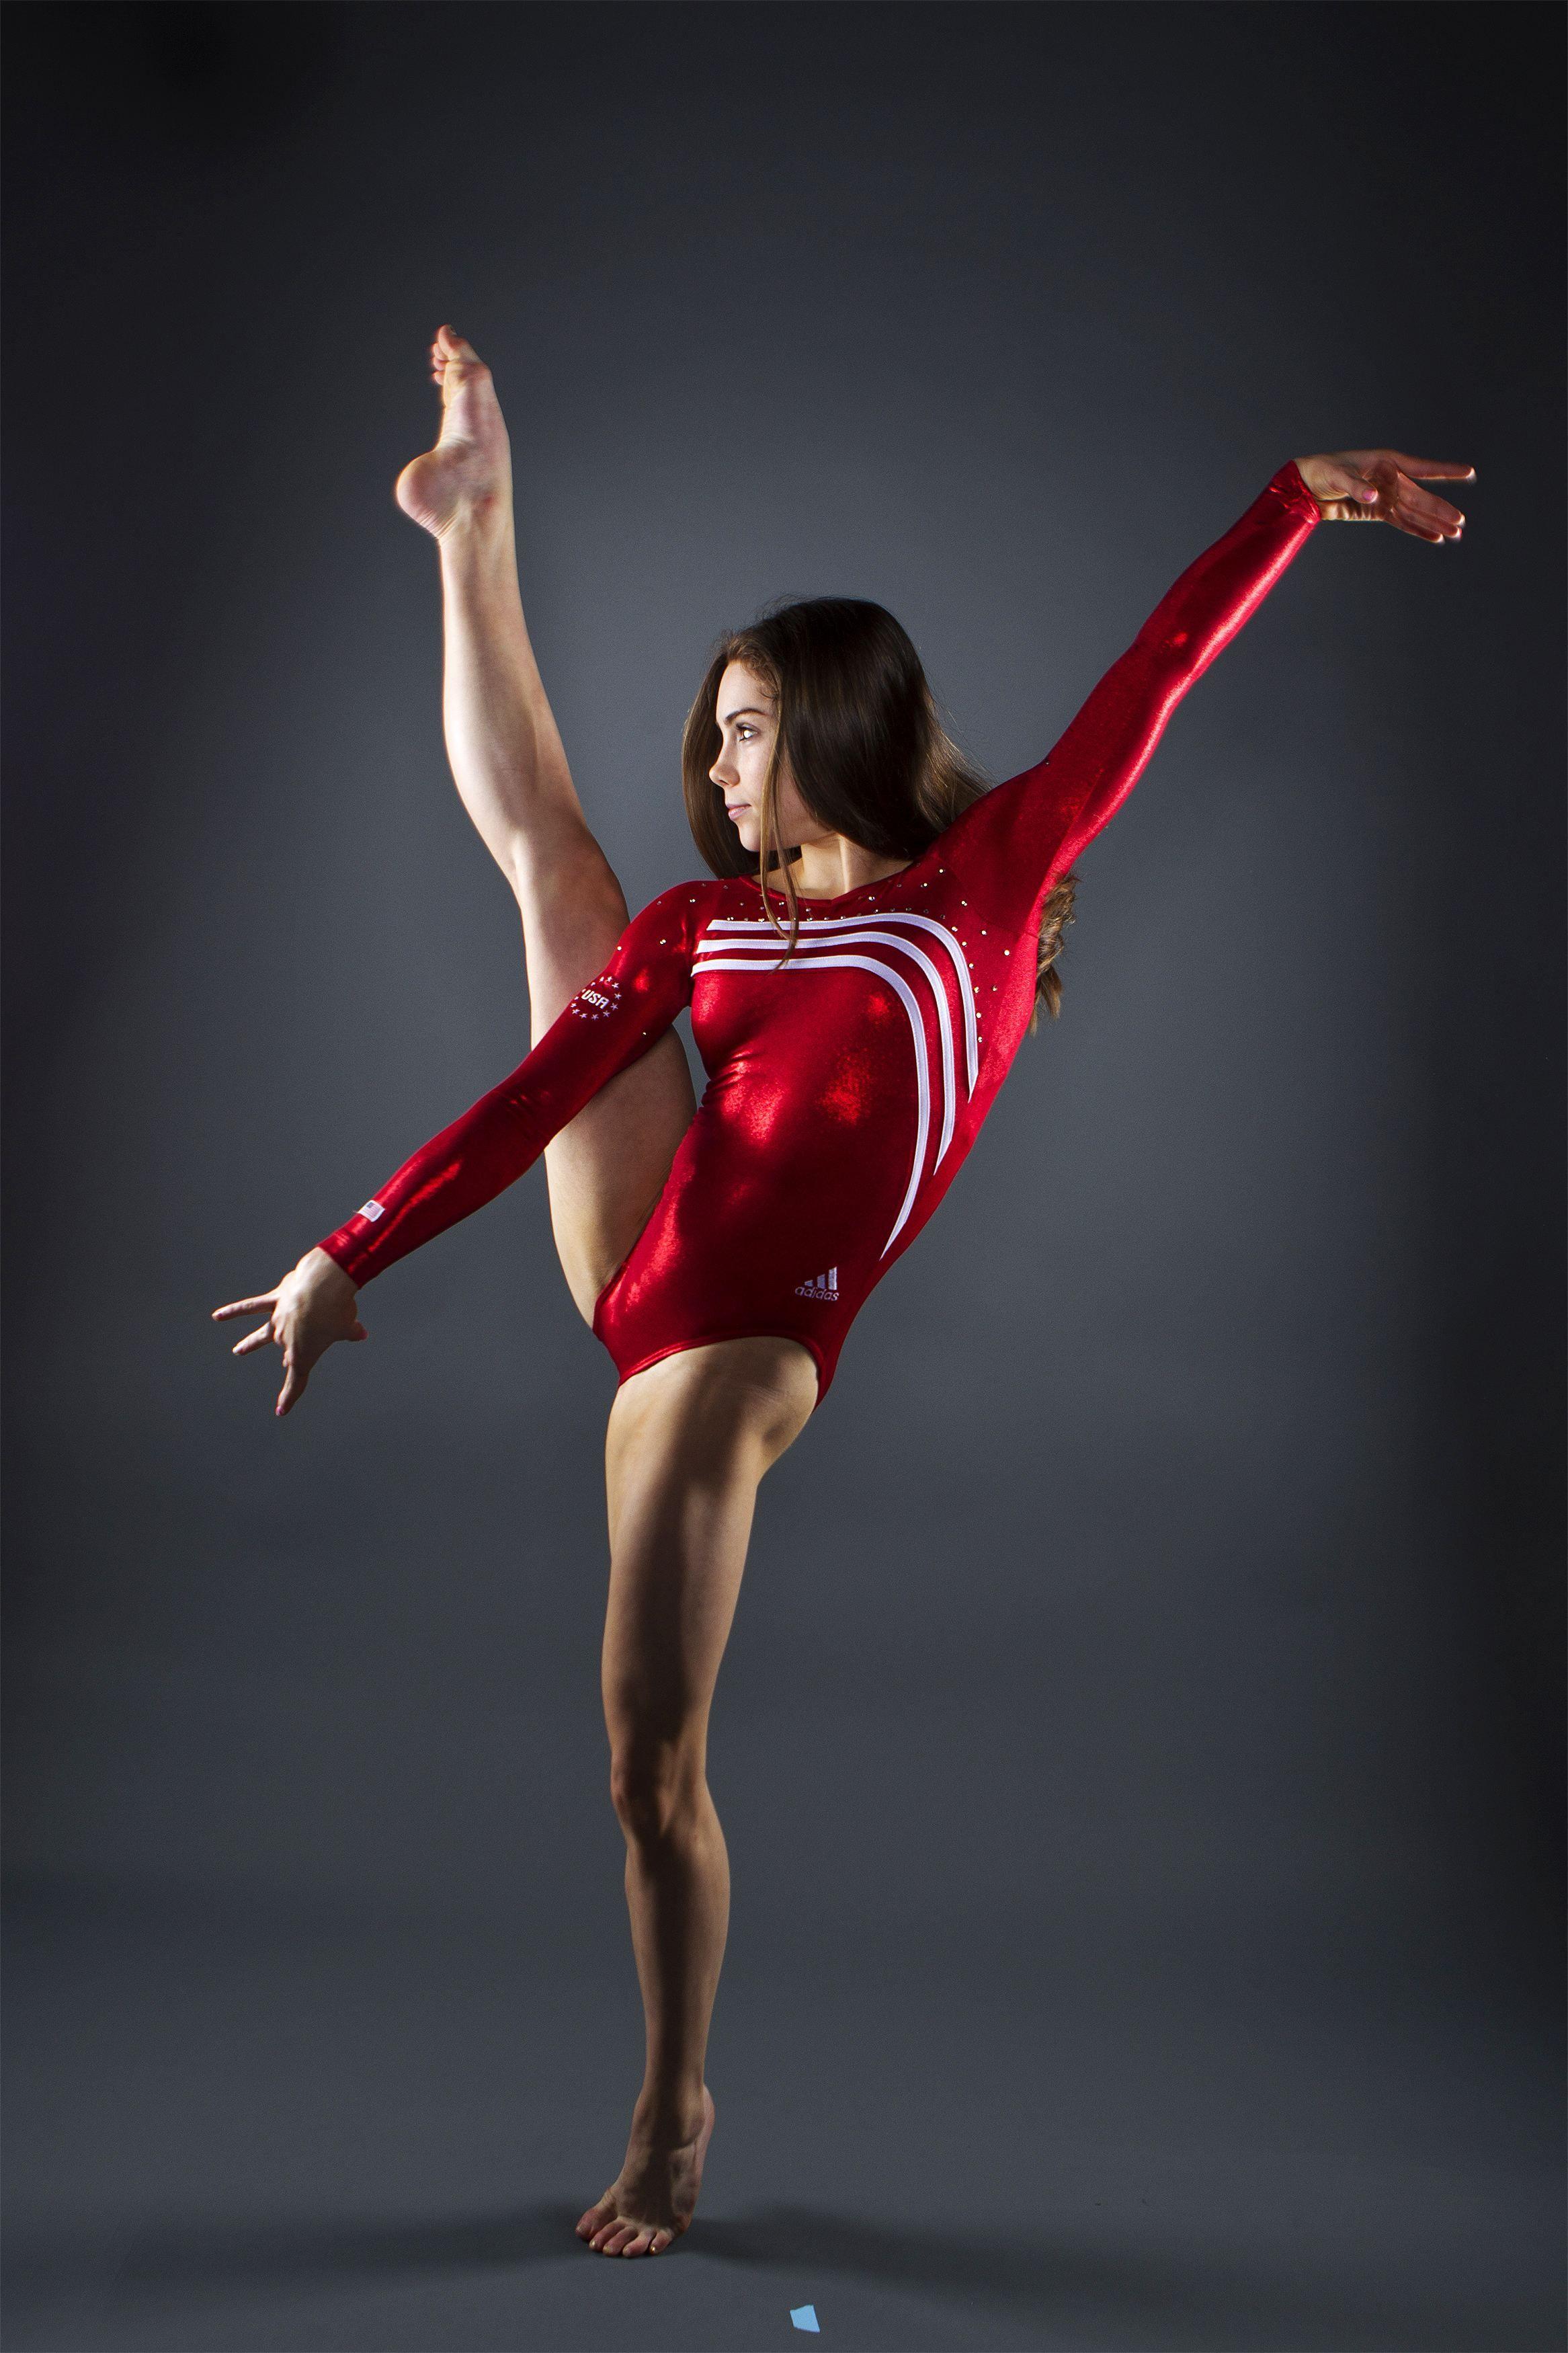 telki-iz-gimnastiki-individualka-s-podruzhkoy